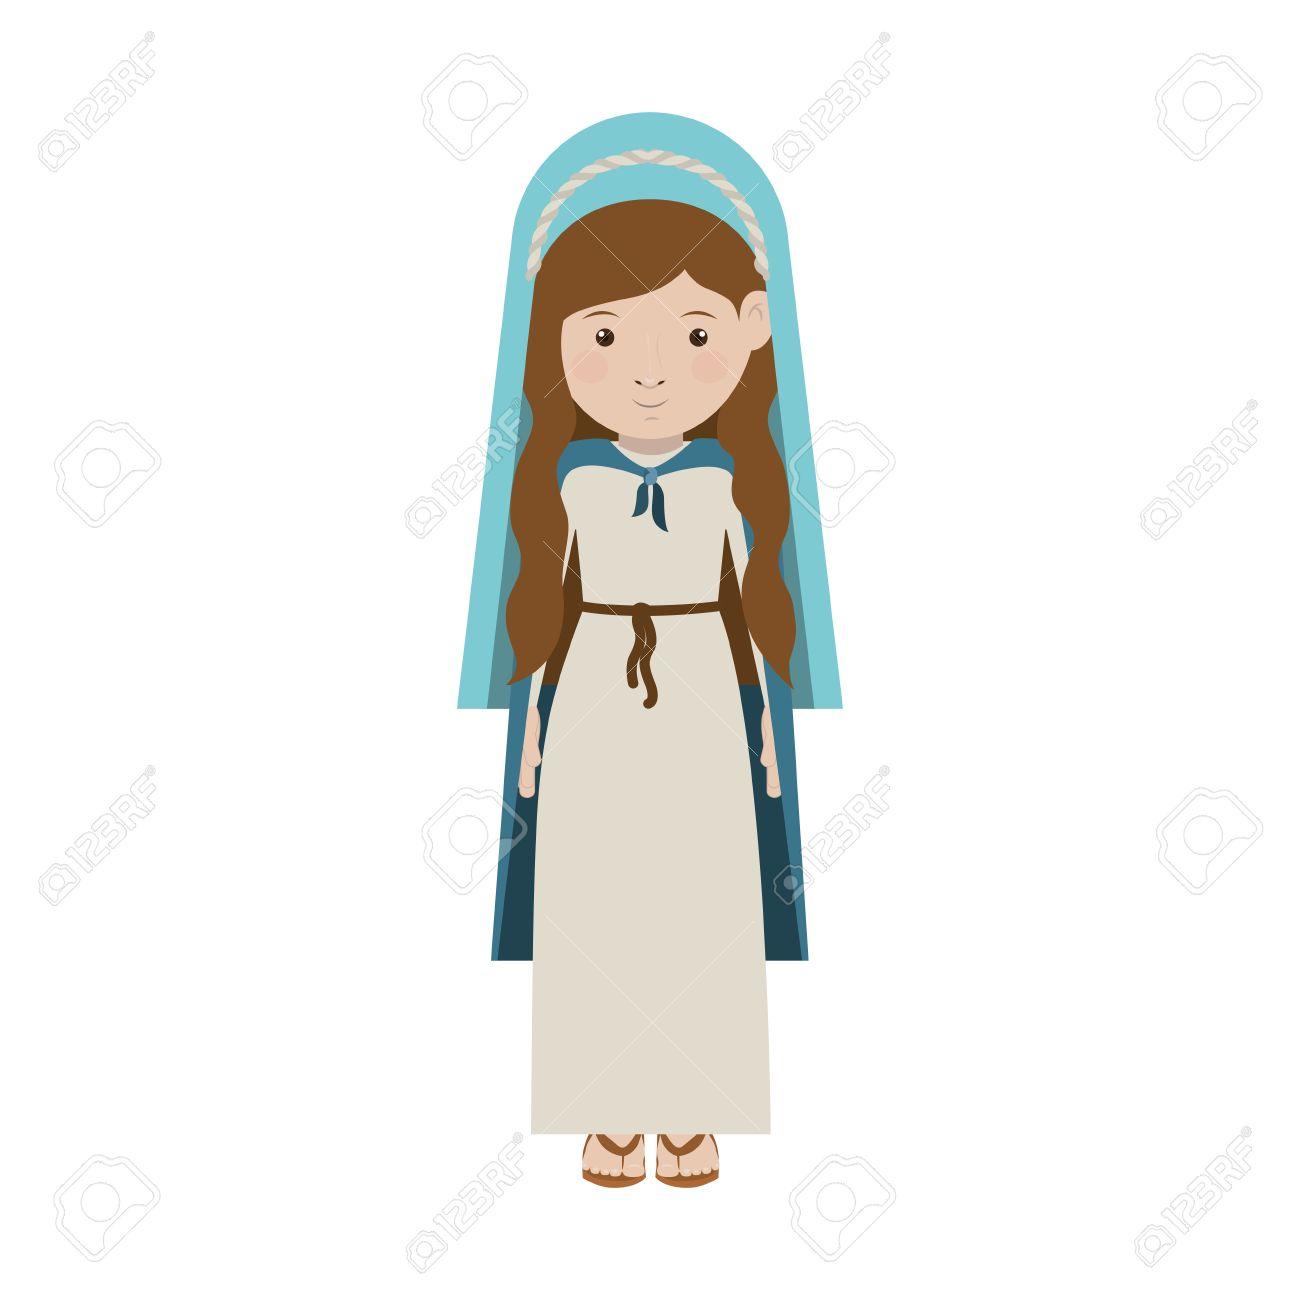 De Dibujos Animados Mujer Virgen María Sonriente Y Con Manto Azul